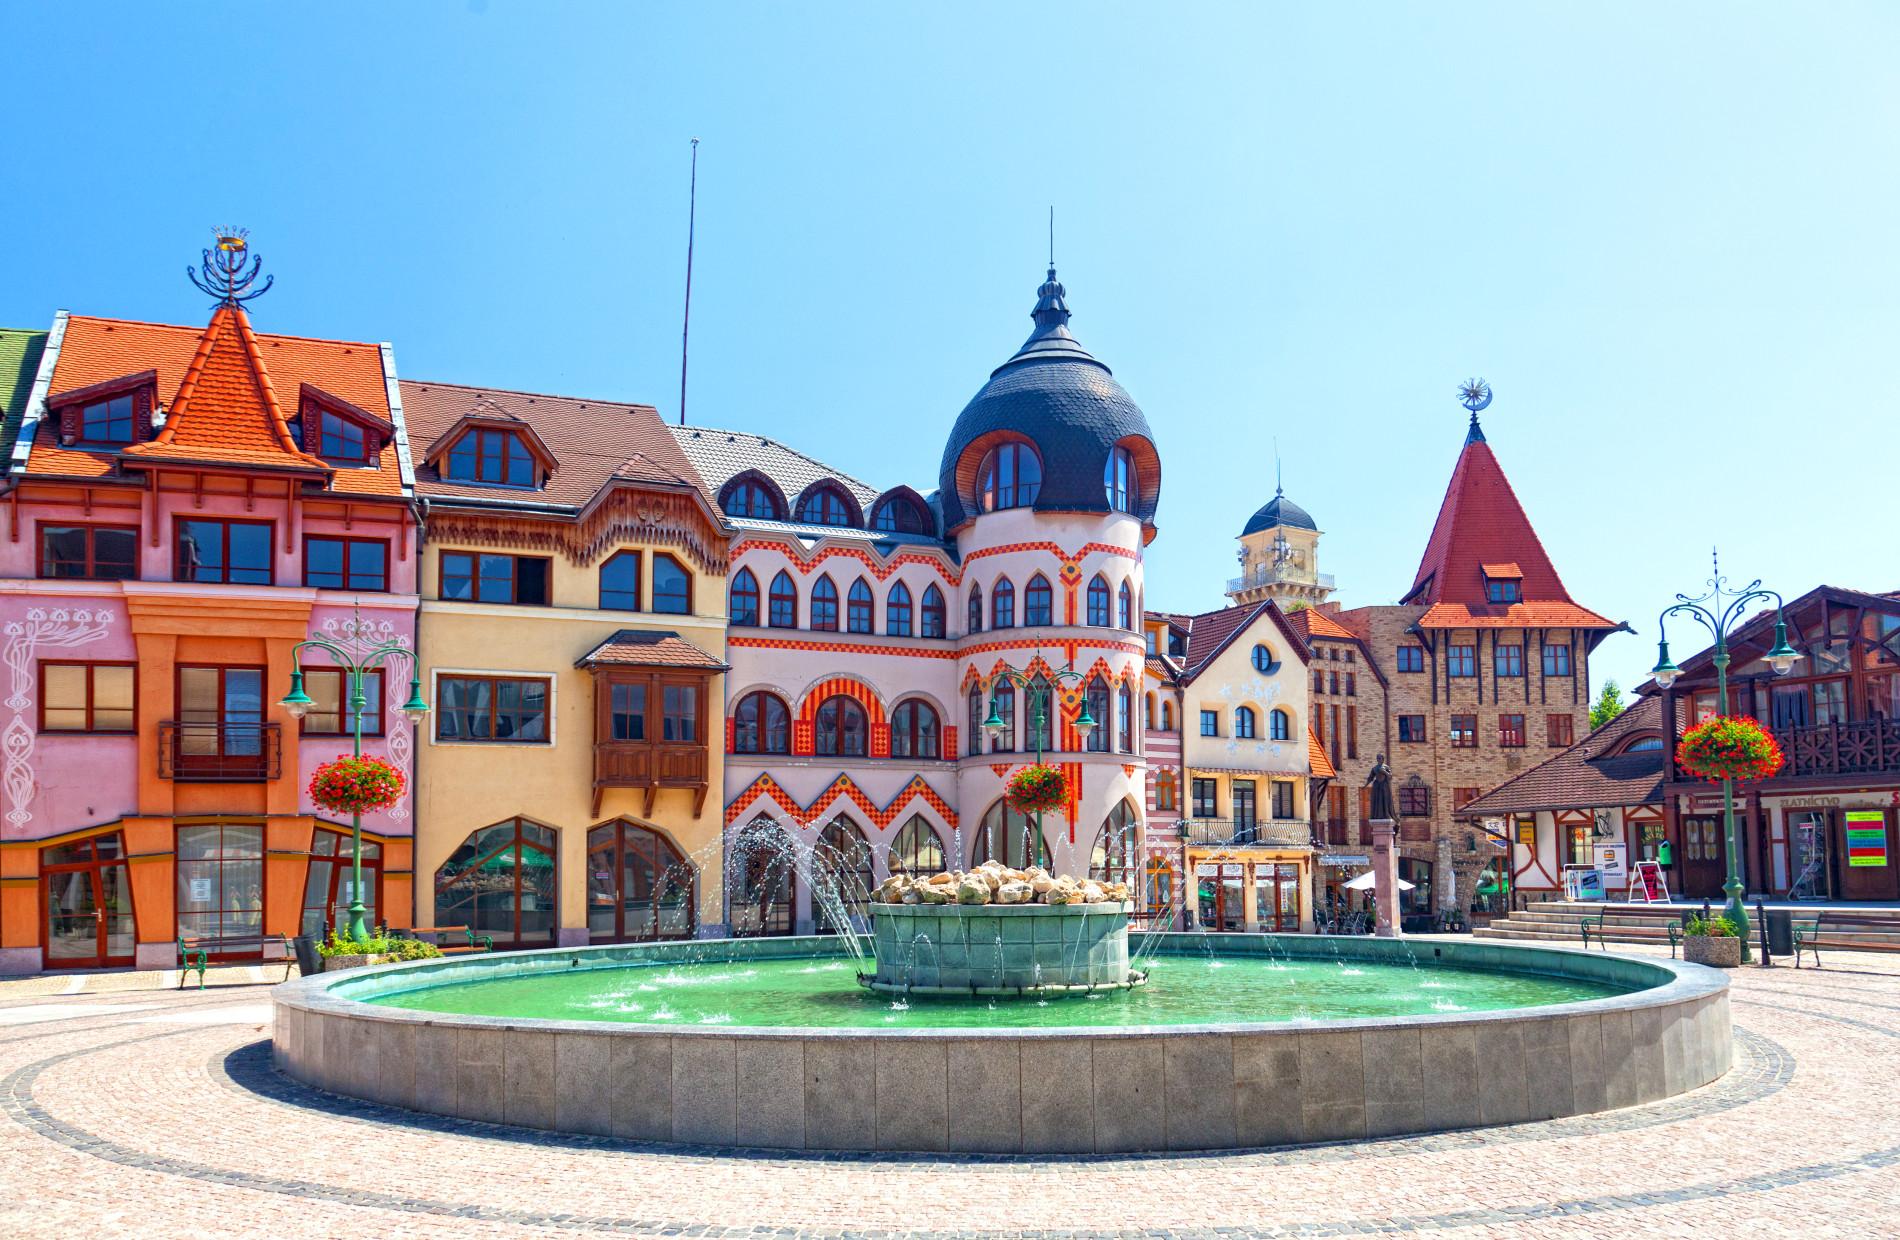 Komarno Europaplatz